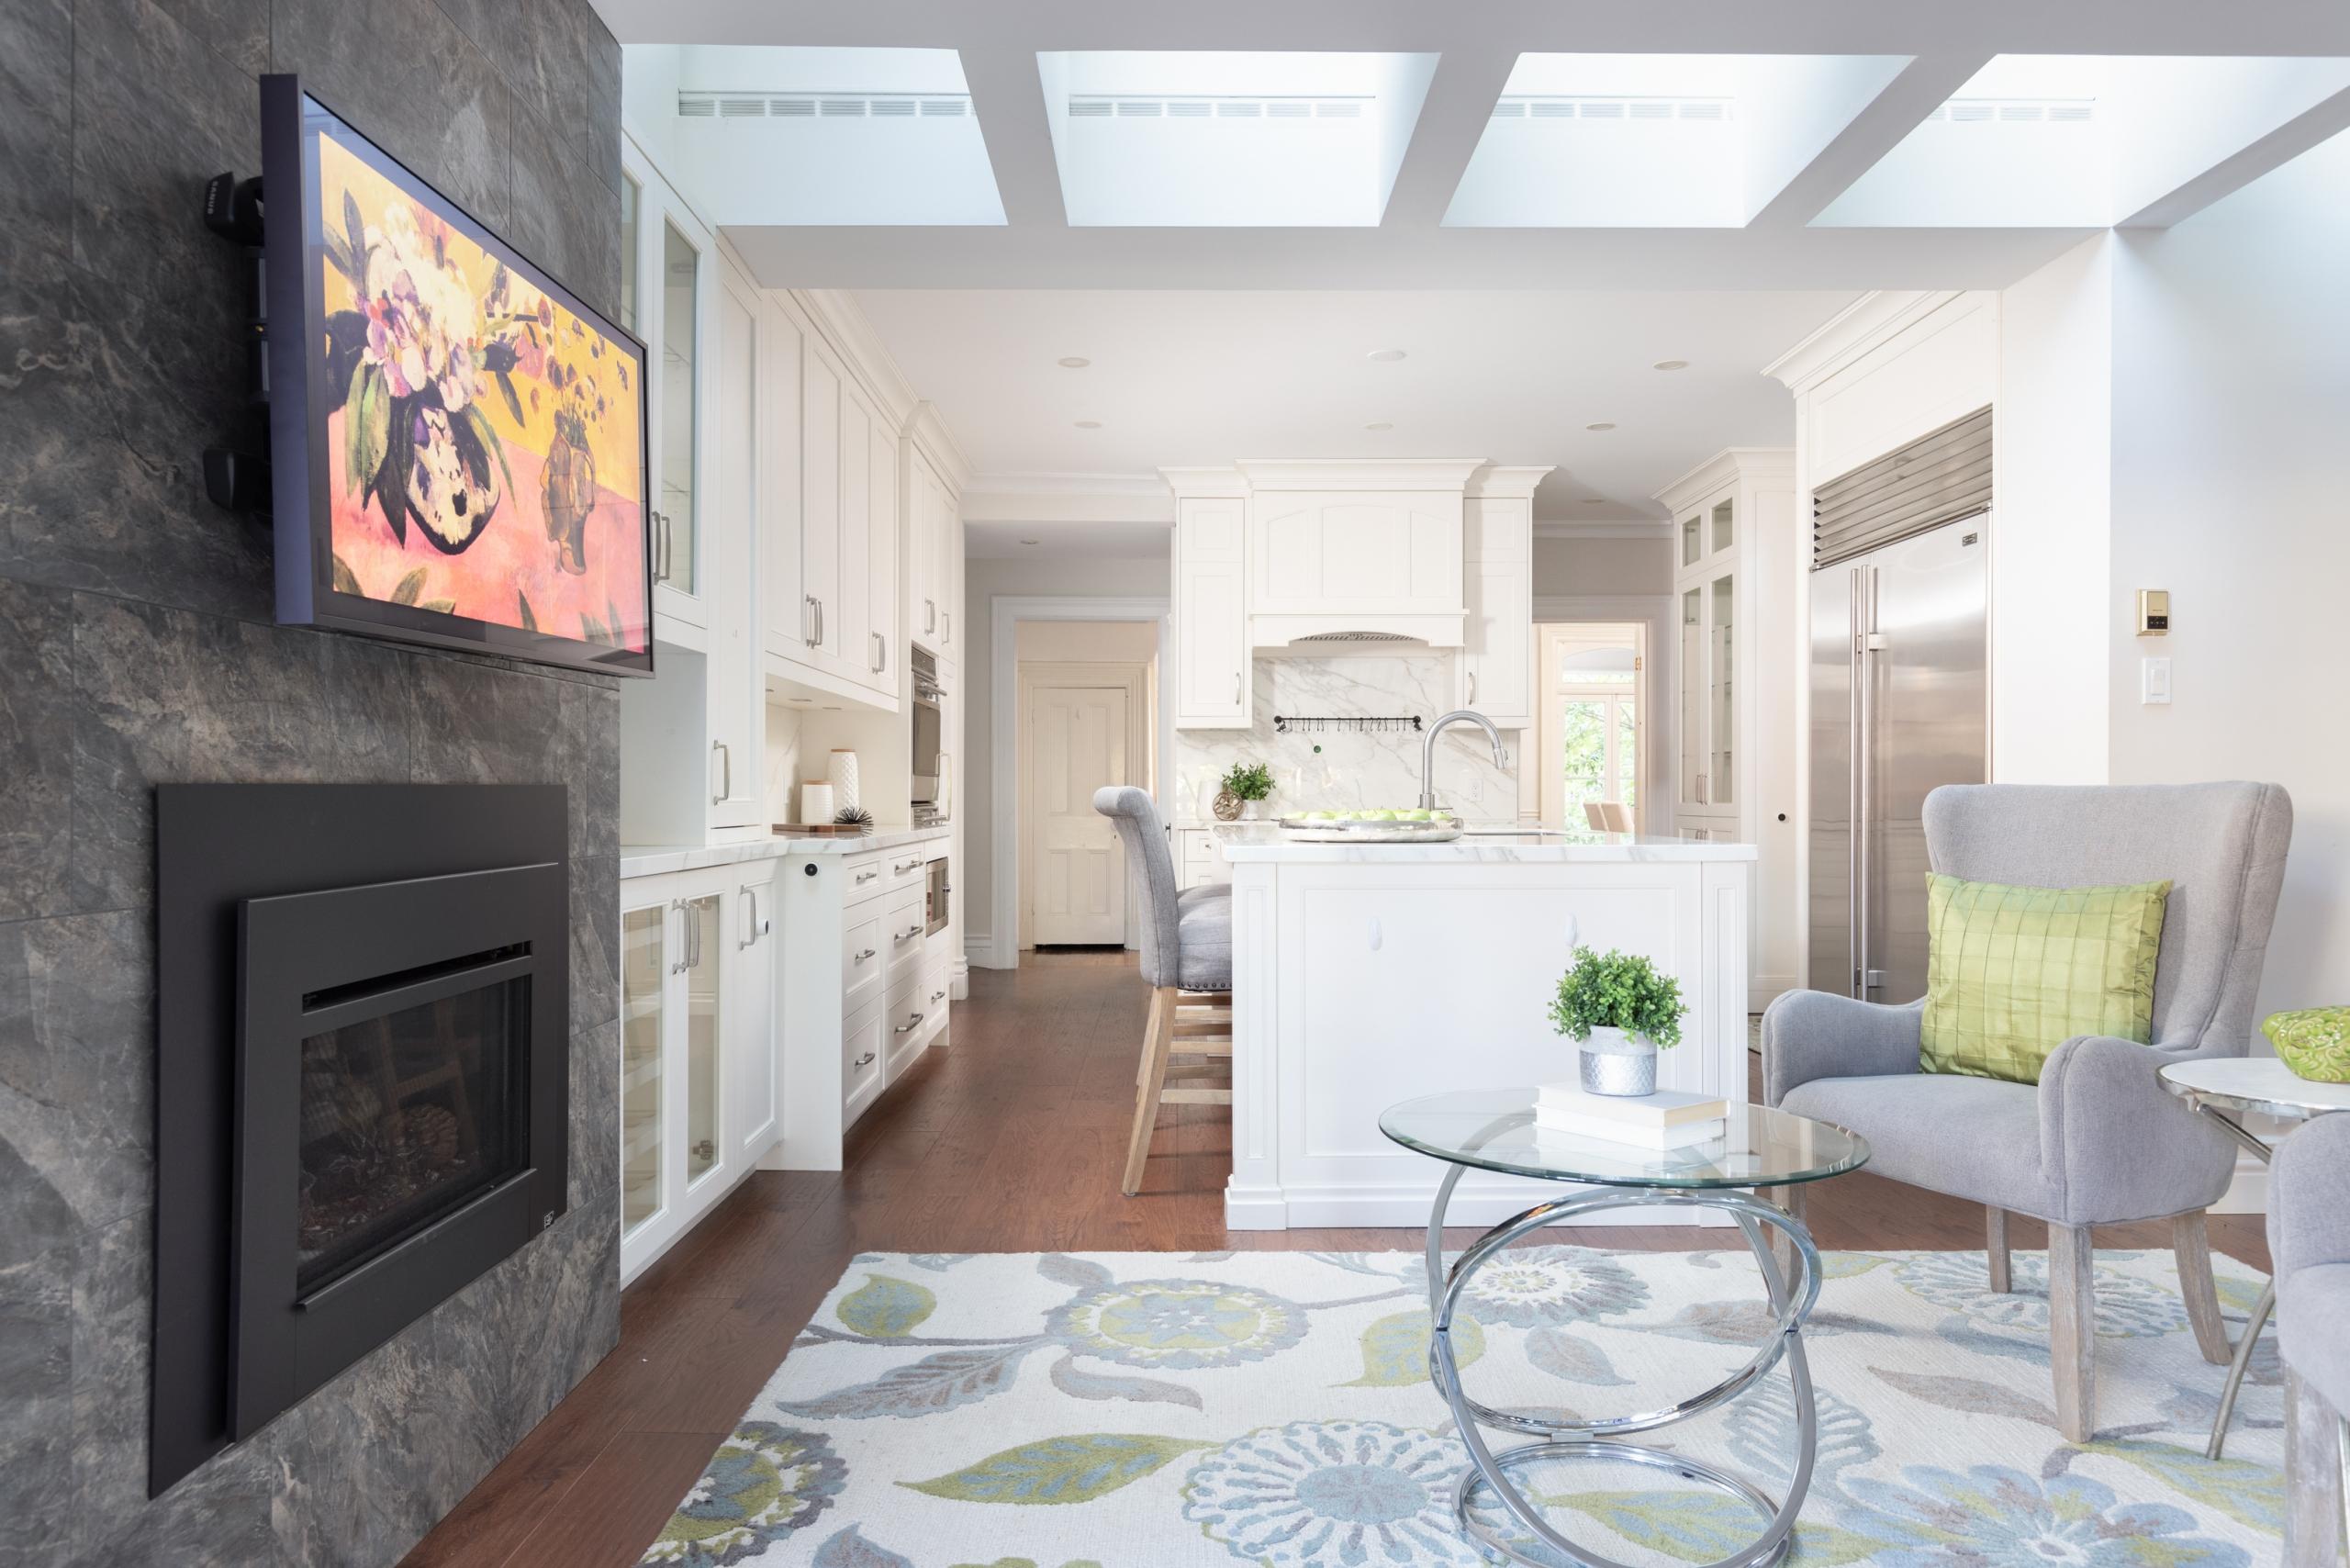 Kitchen room featured at 349 Trafalgar Road, Old Oakville, ON at Alex Irish & Associates